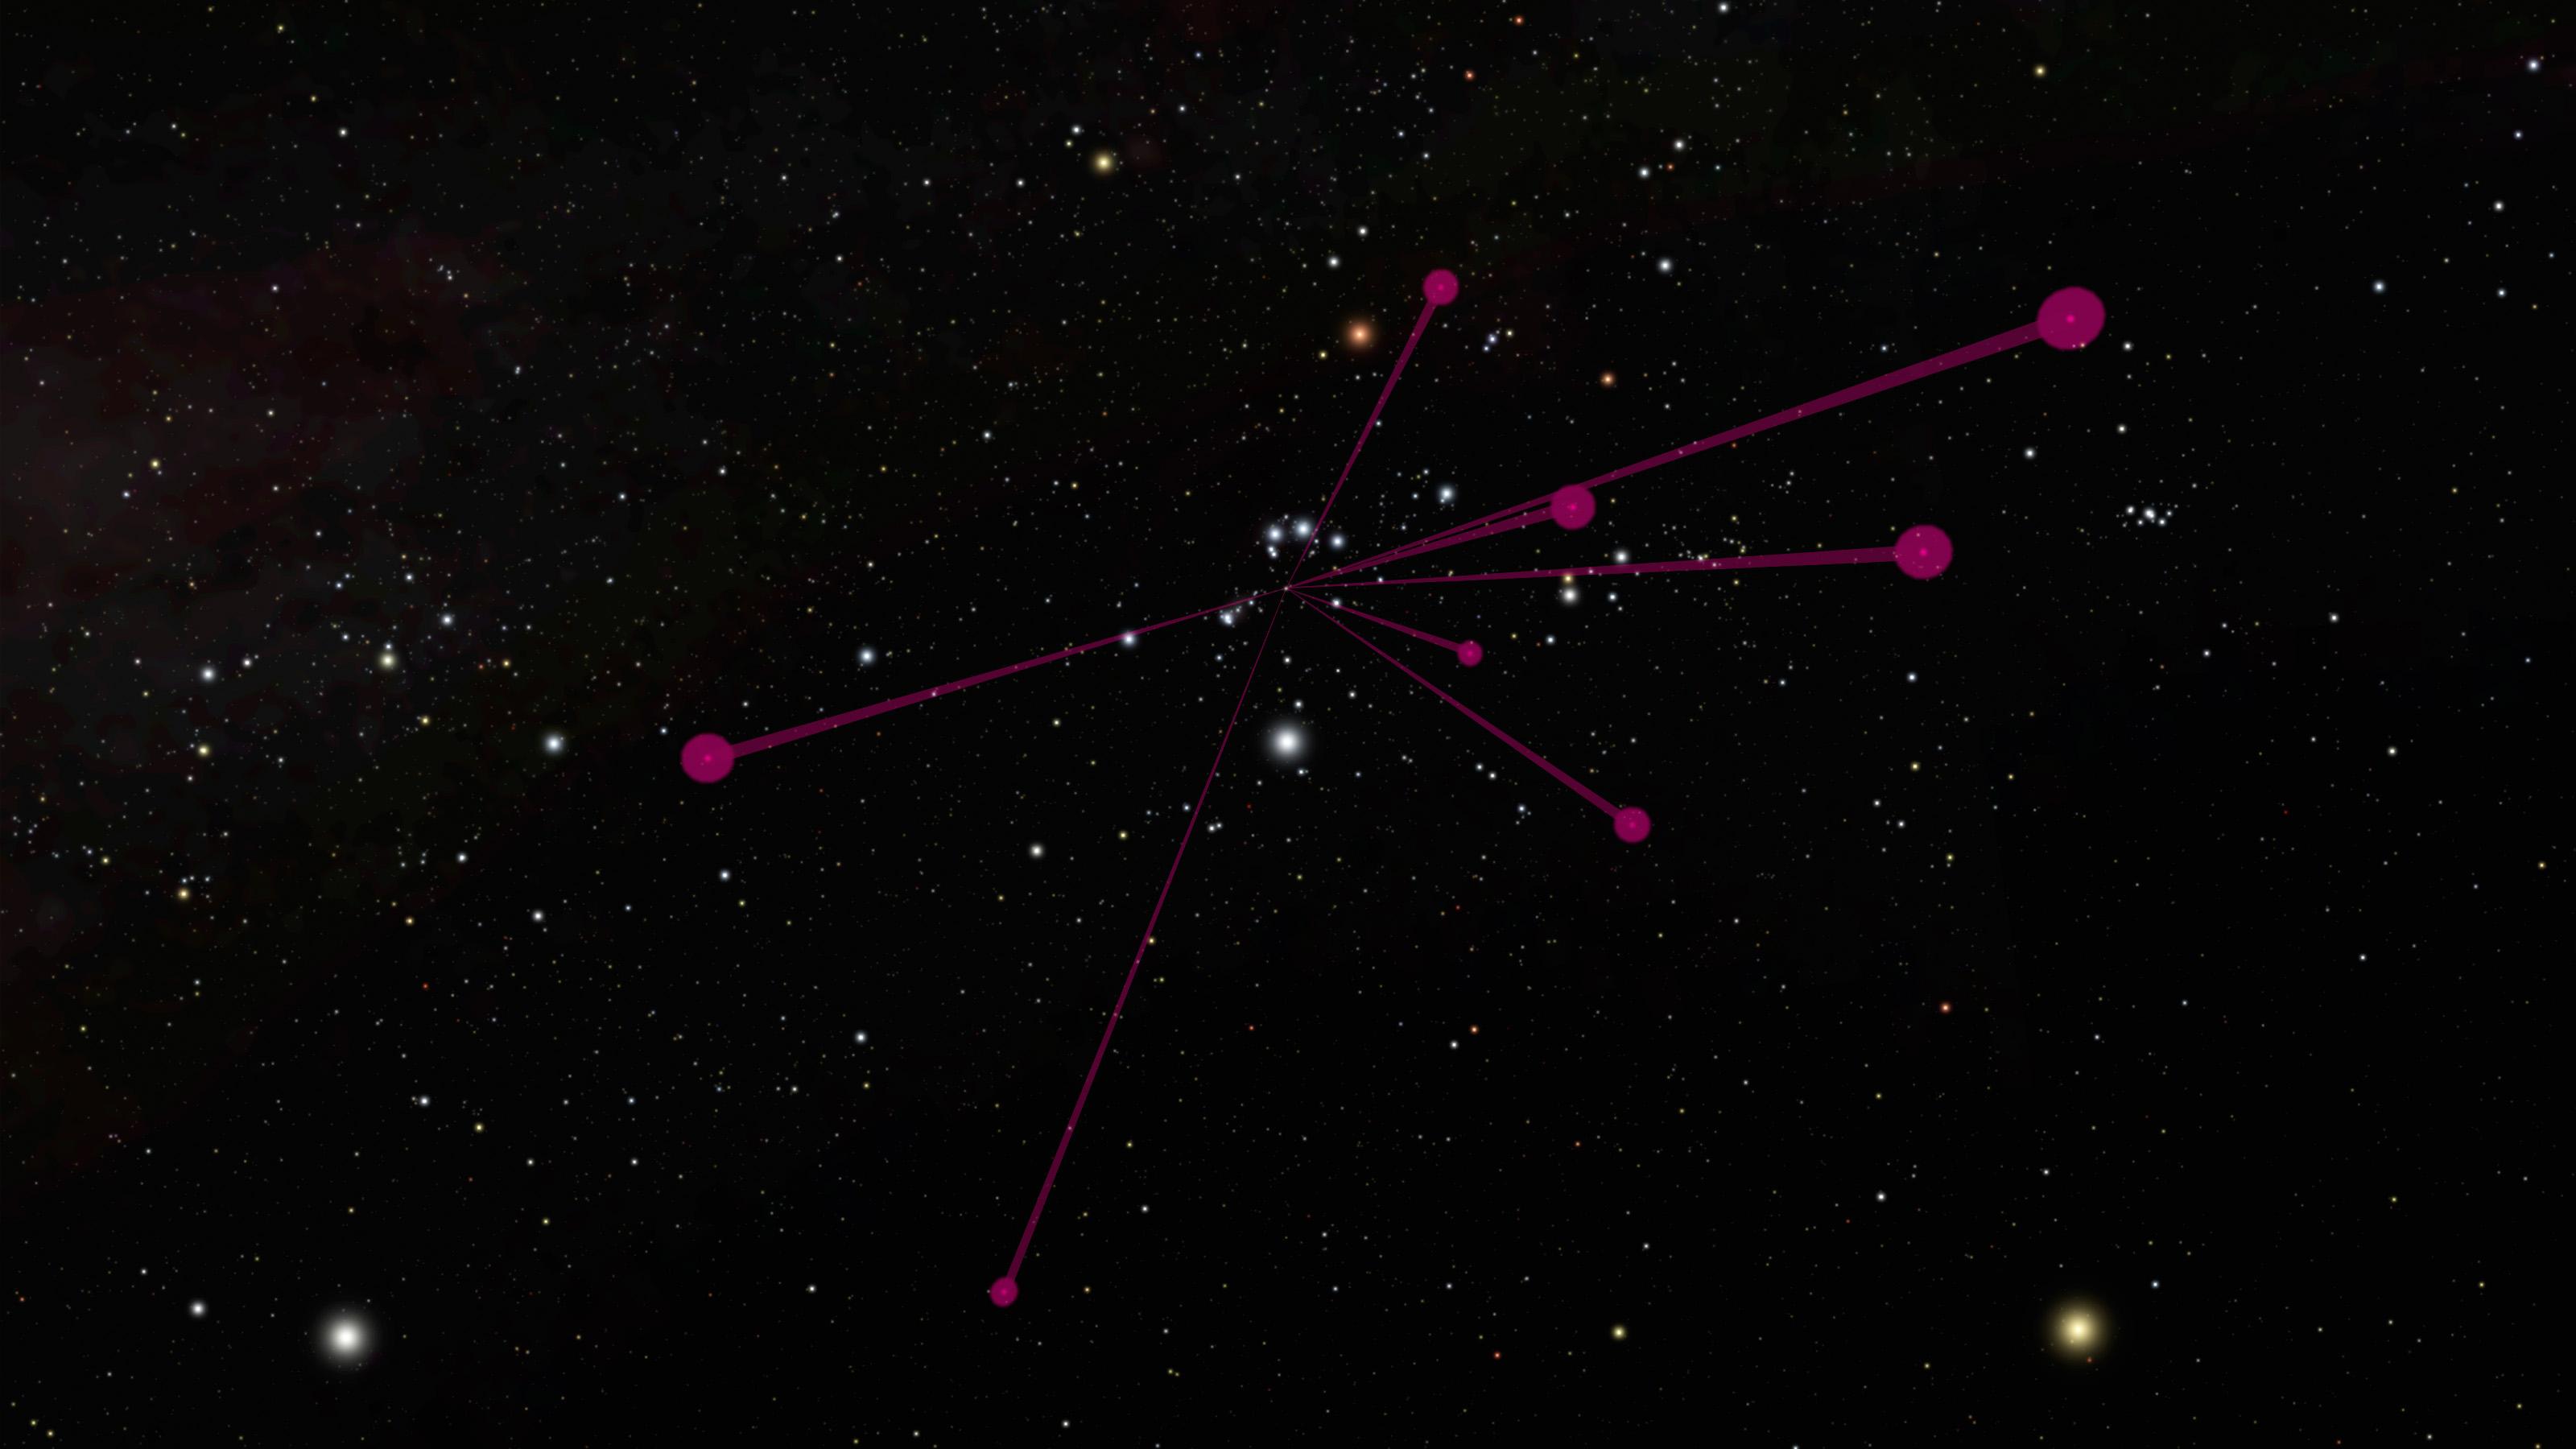 Grens tussen sterren en planeten vervaagt door de koudste bruine dwergen